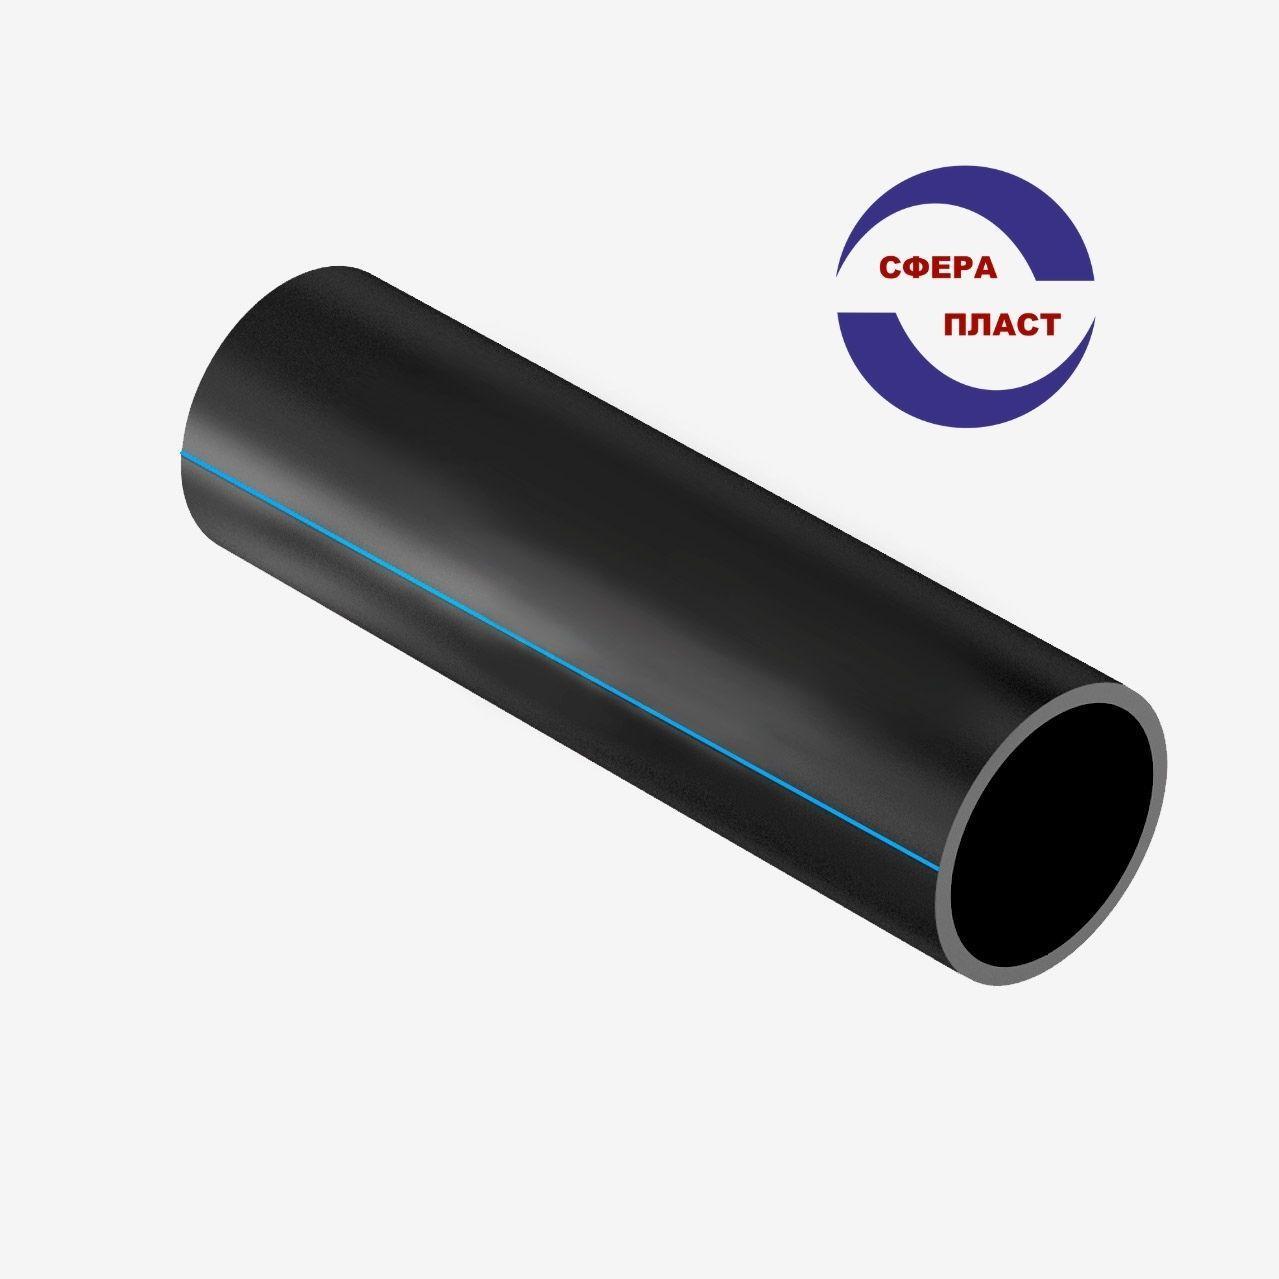 Труба Ду-450x26,7 SDR17 (10 атм) полиэтиленовая ПЭ-100